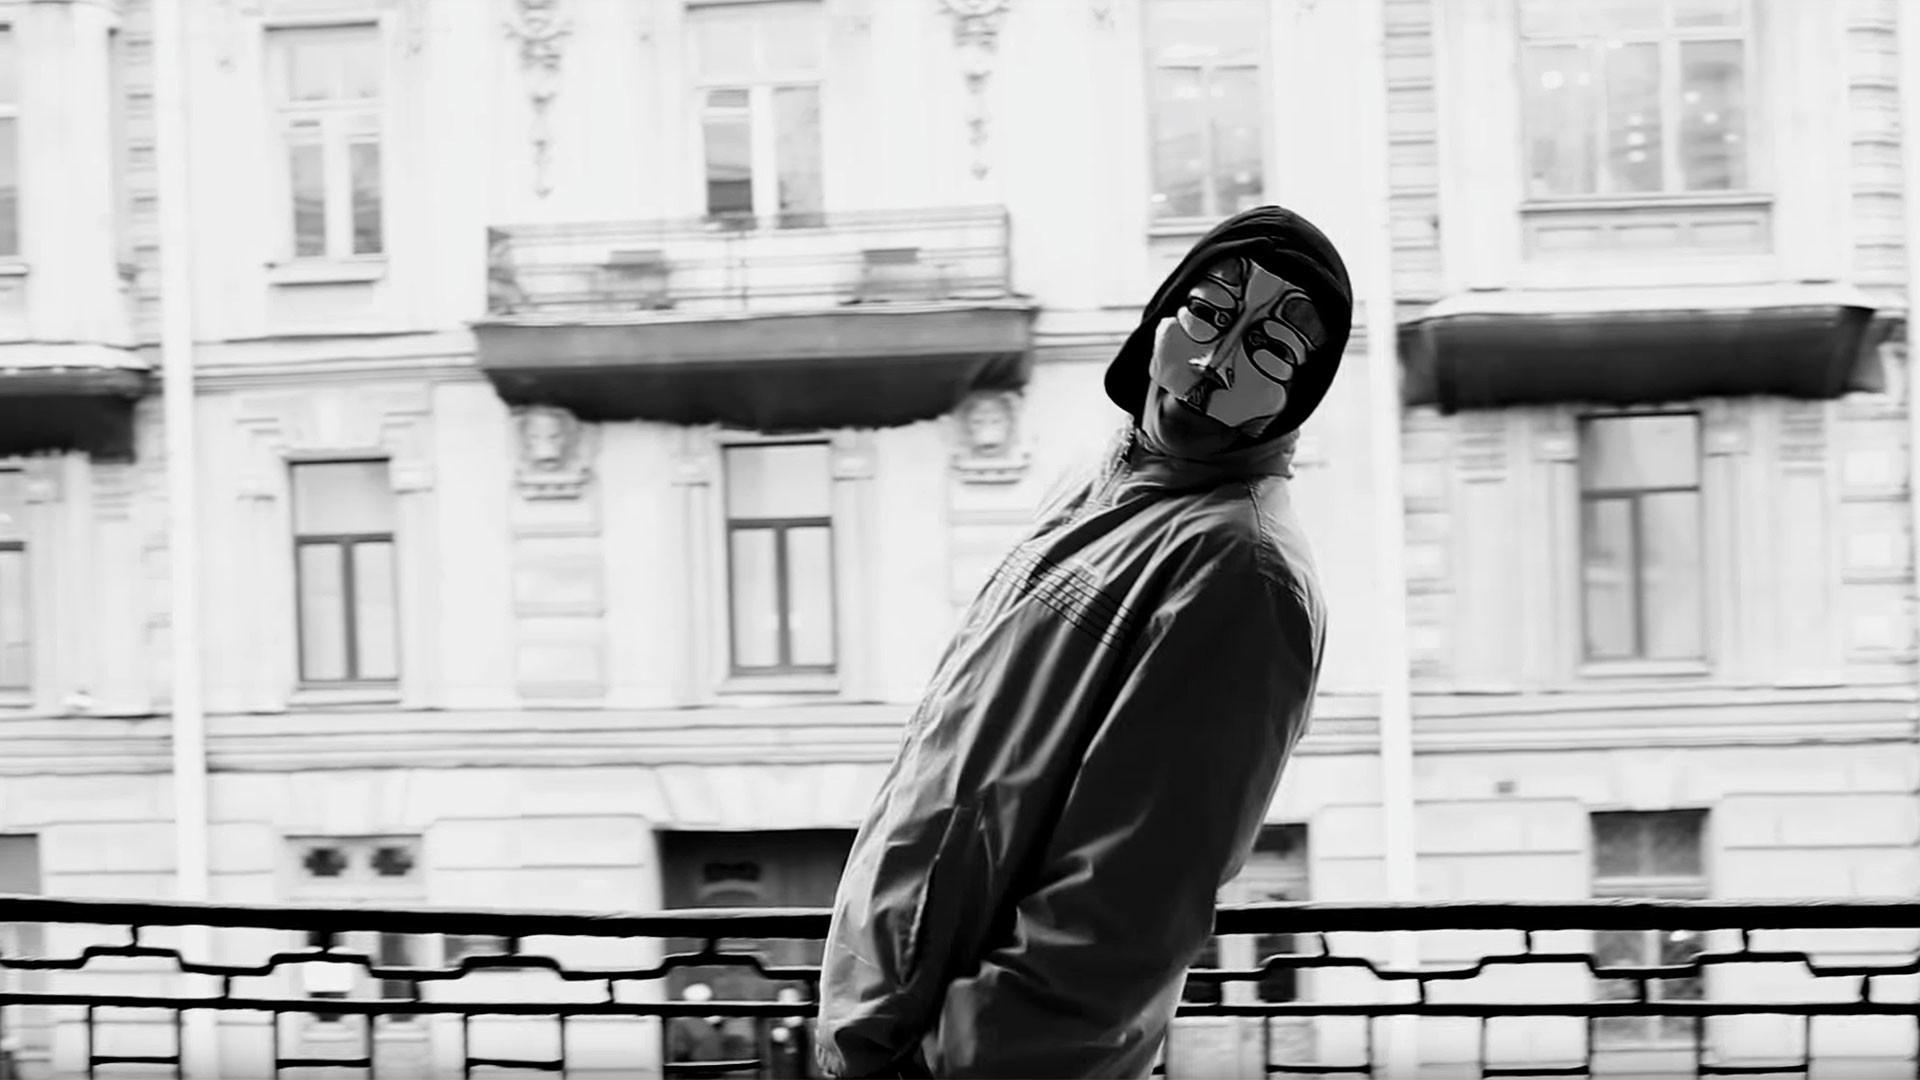 Фото: © Кадр из видео YouTube/СЛАВА КПСС